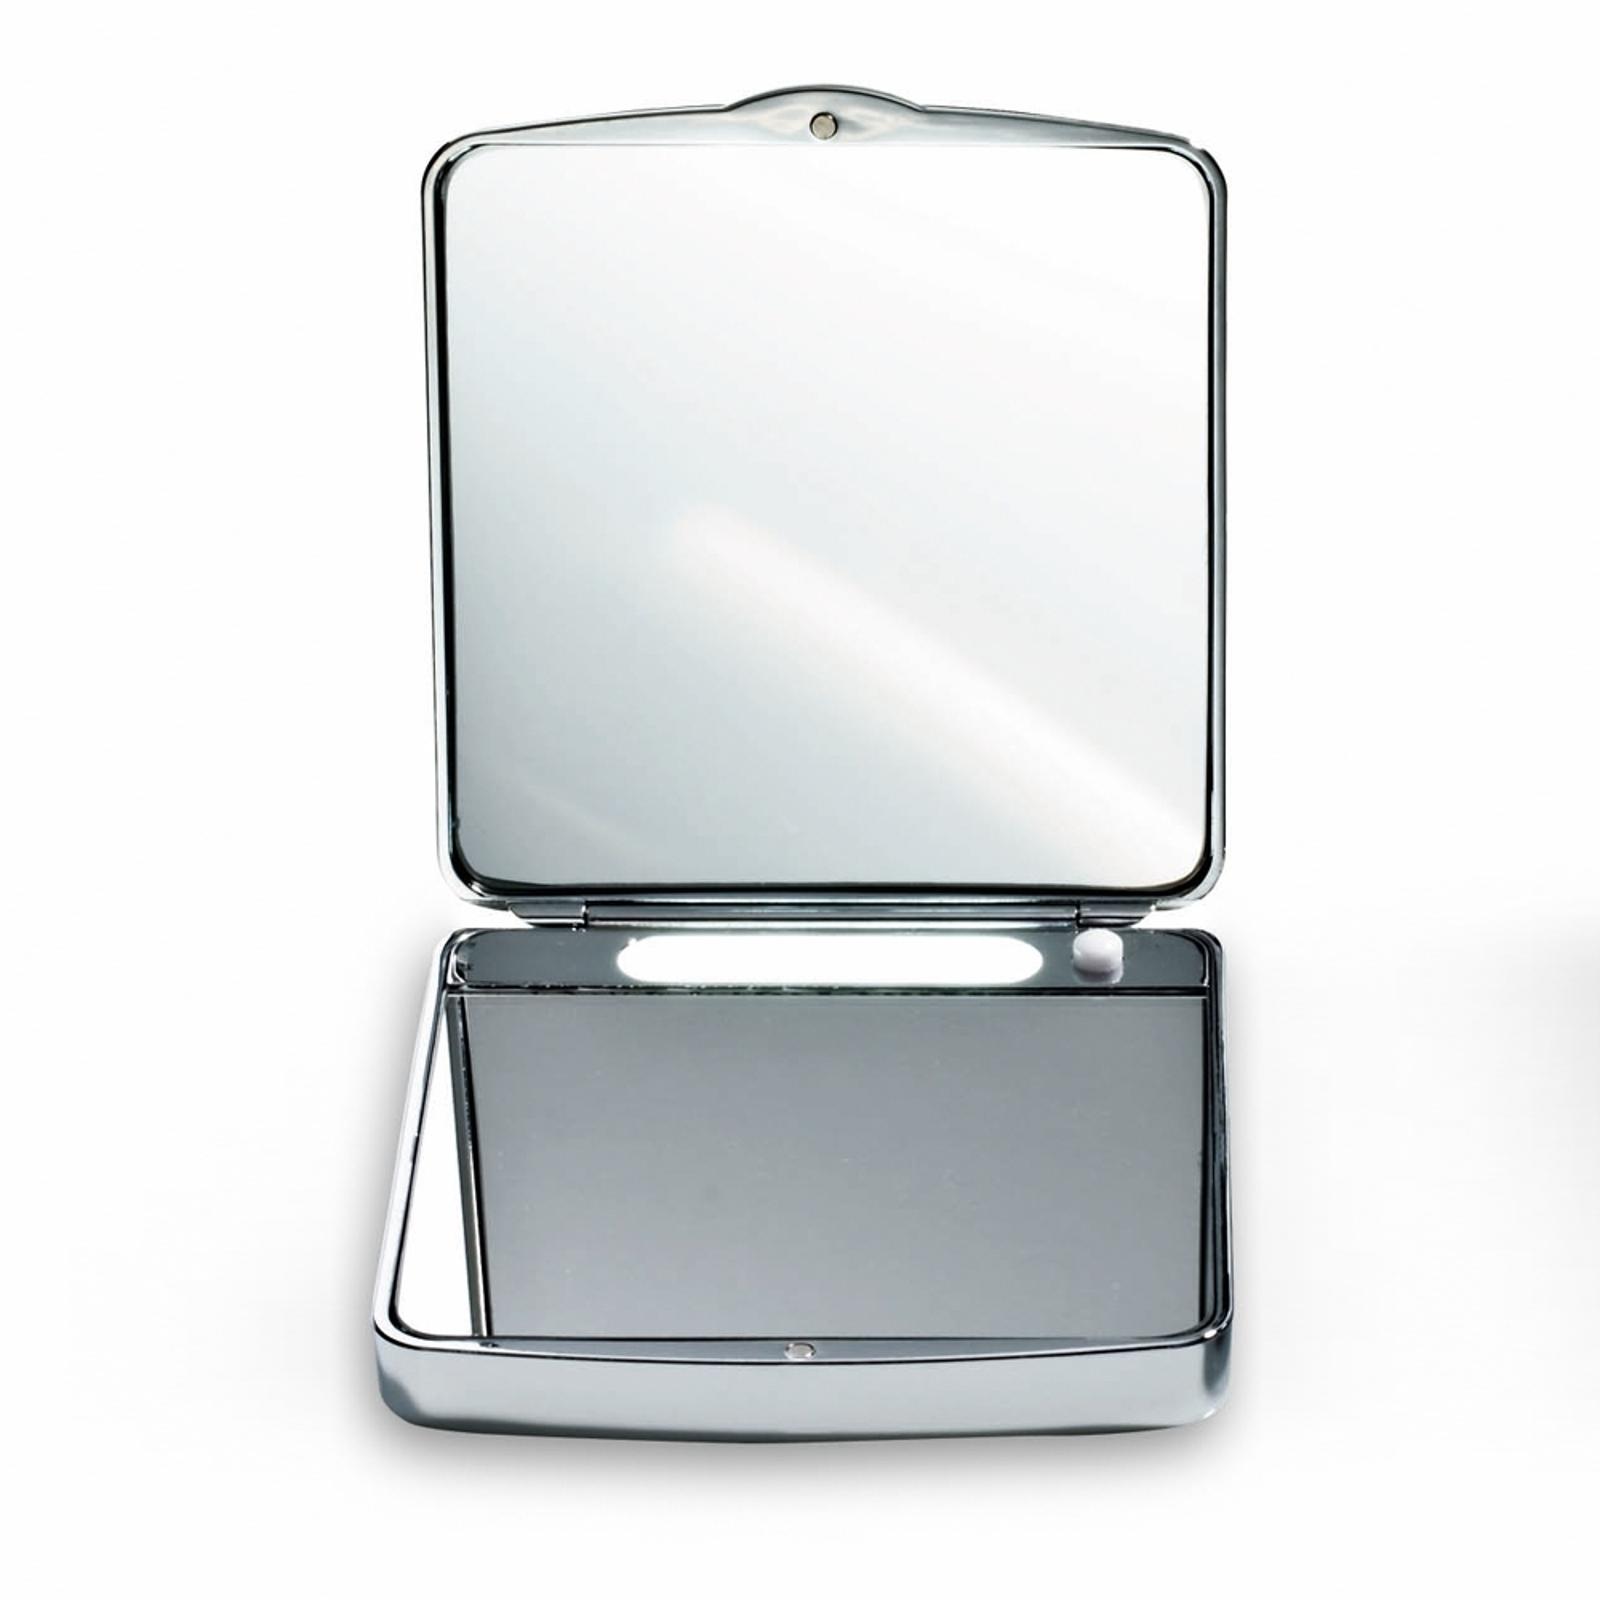 Tasspiegel met verlichting TS 1